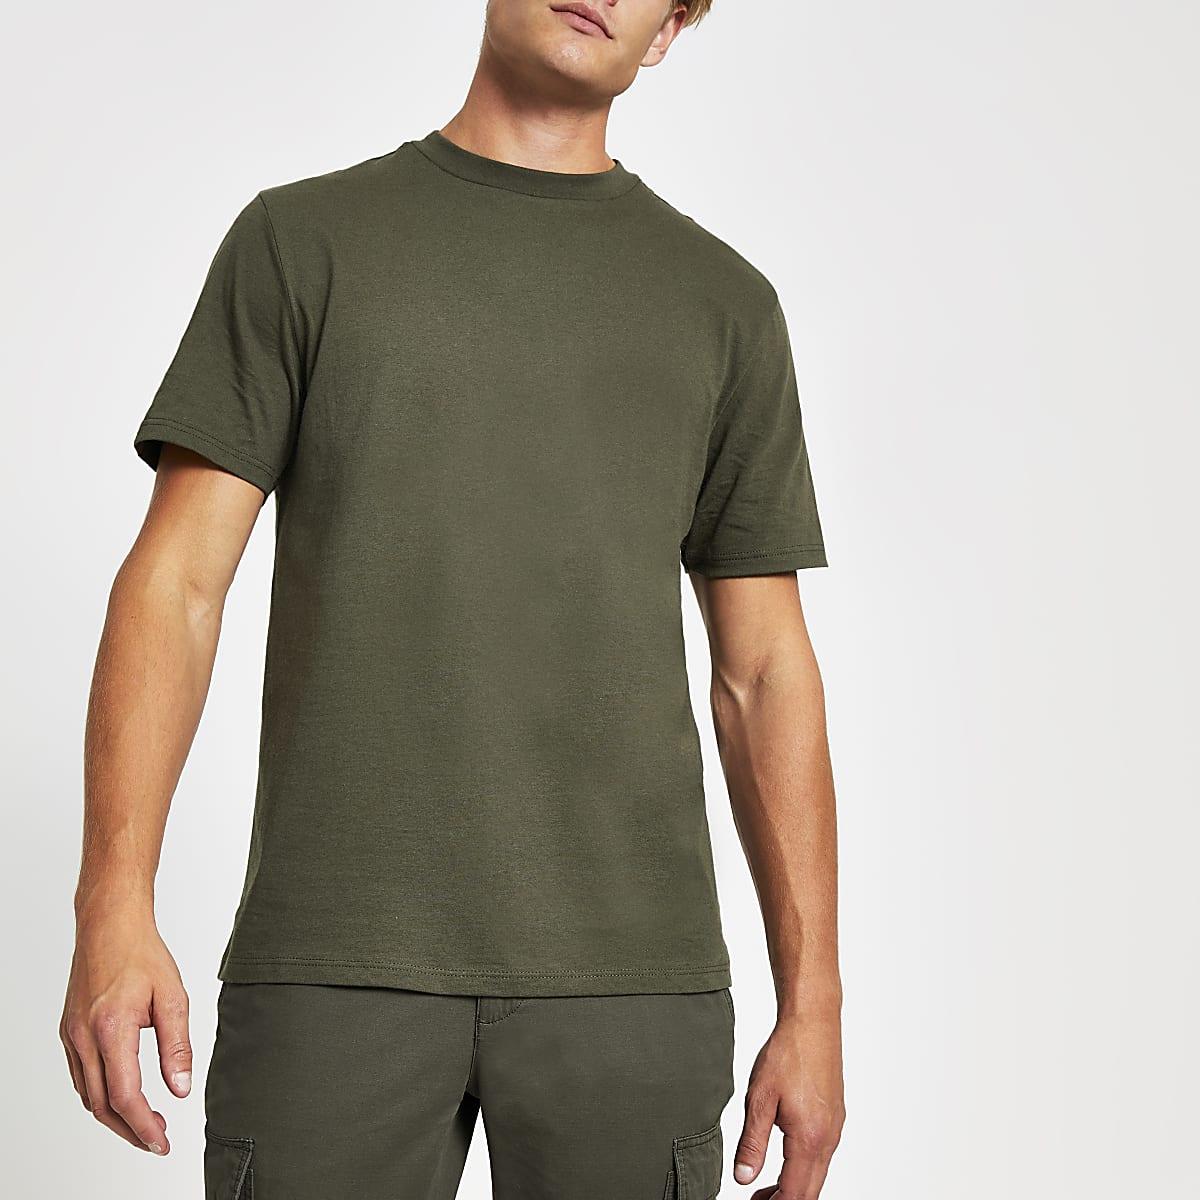 Khaki crew neck short sleeve T-shirt